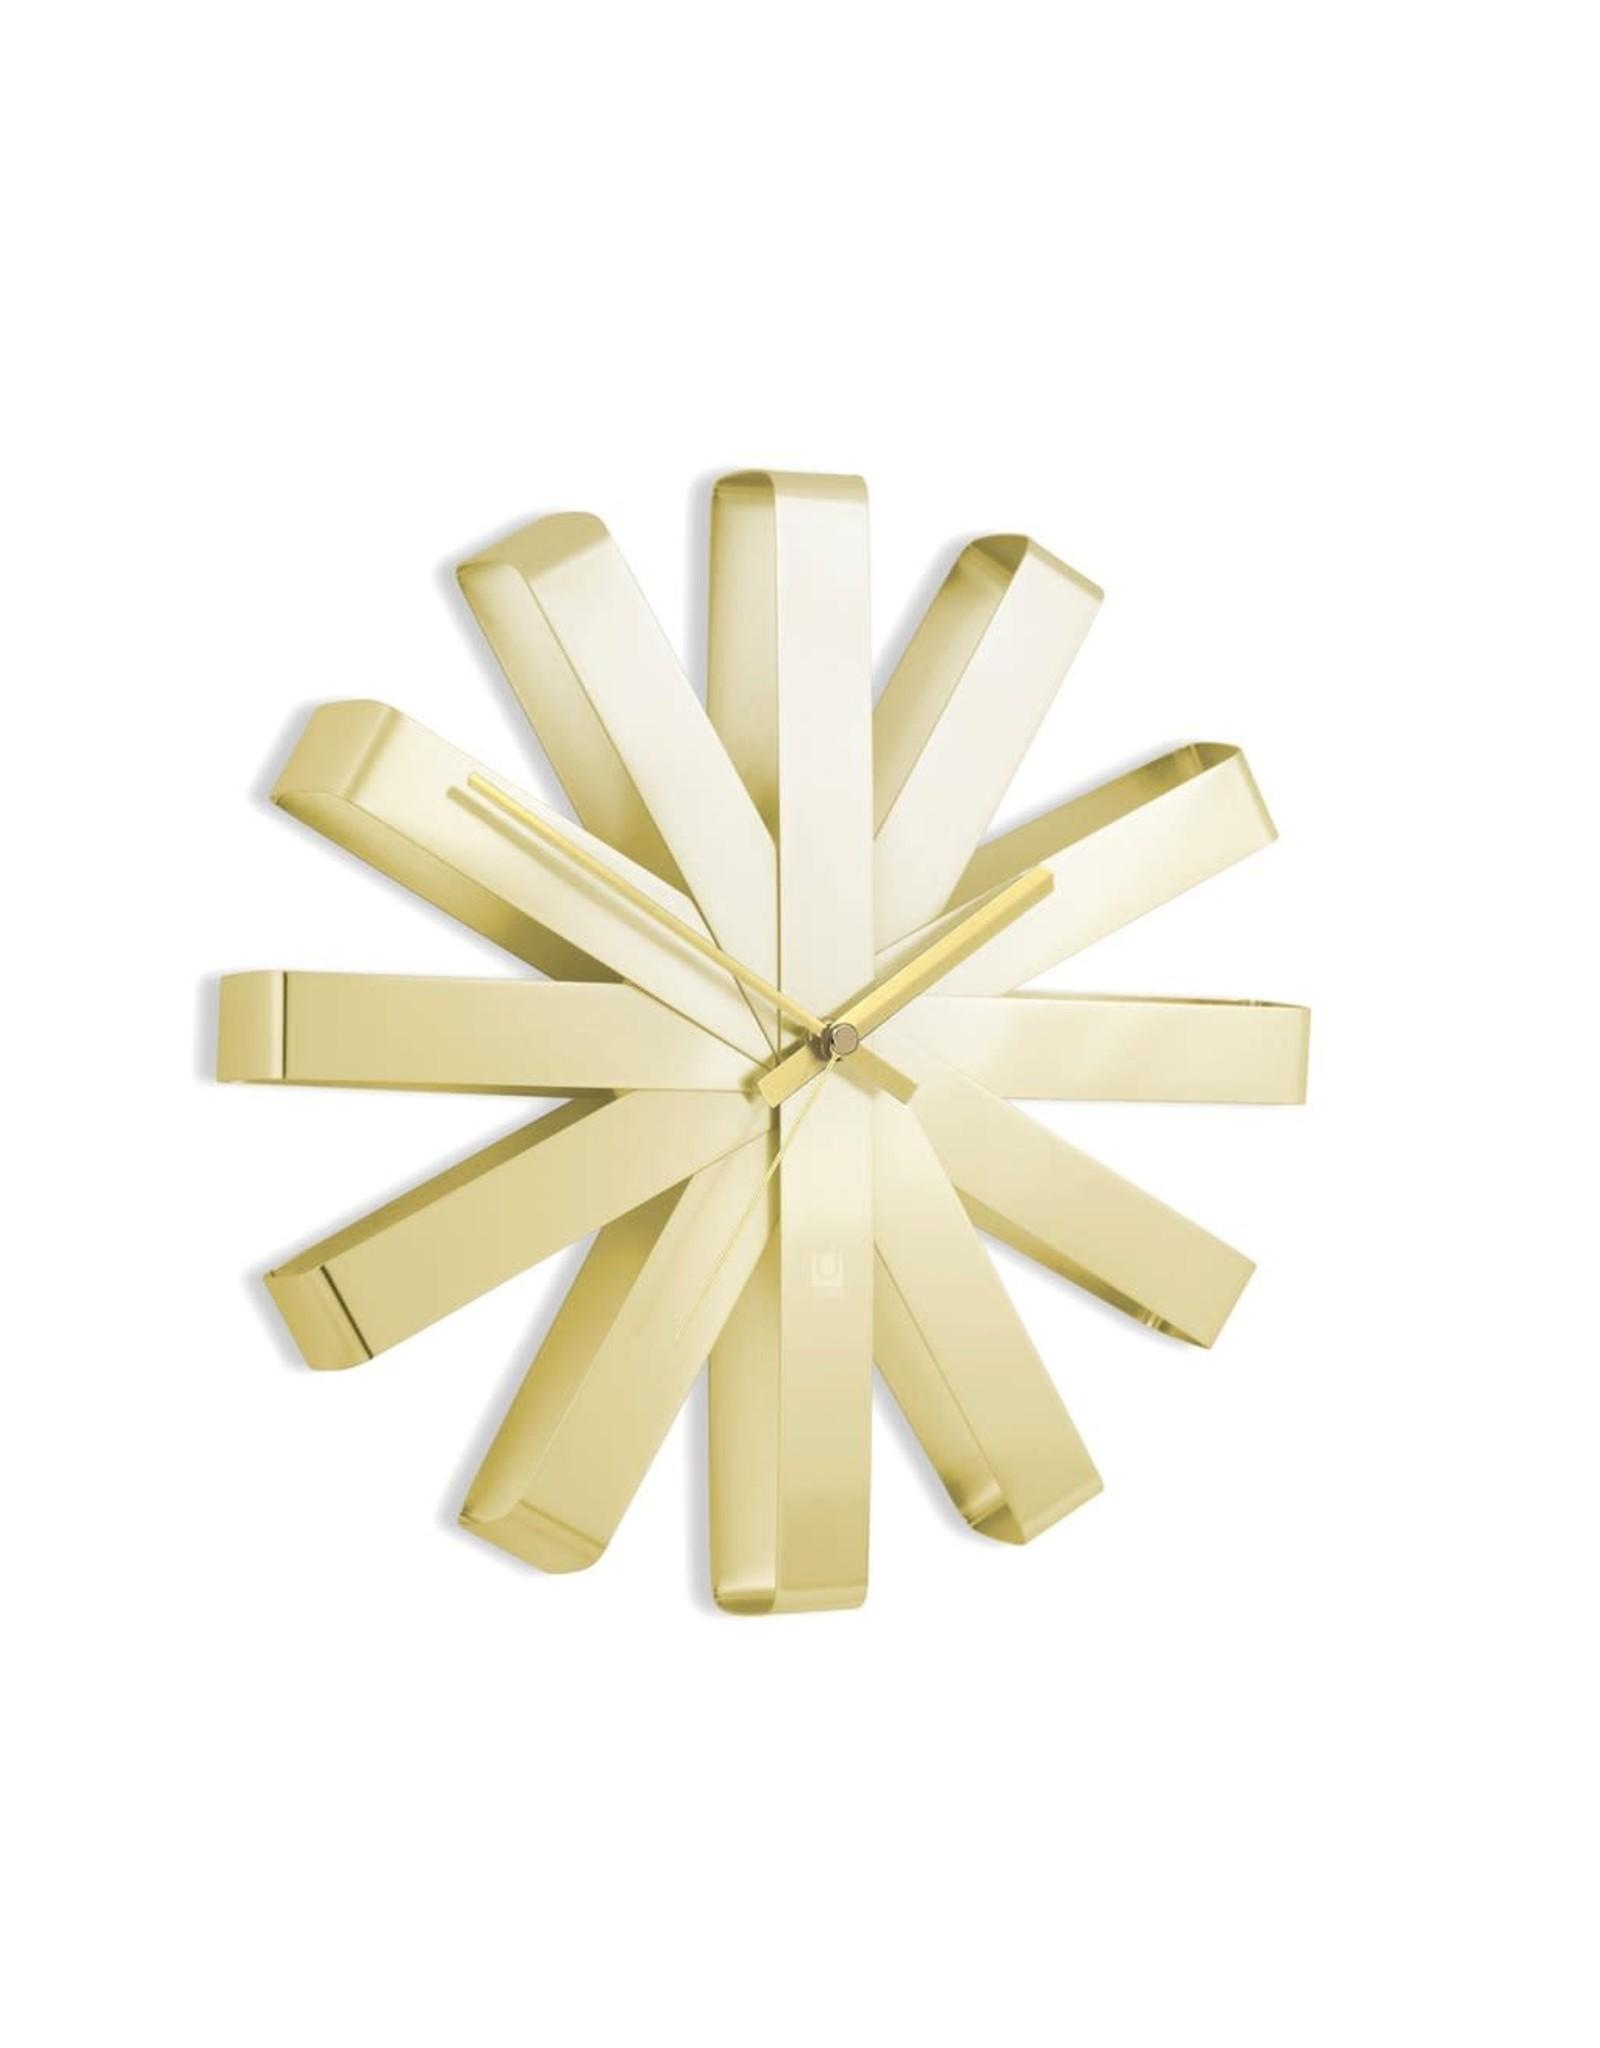 Brass Ribbon Wall Clock